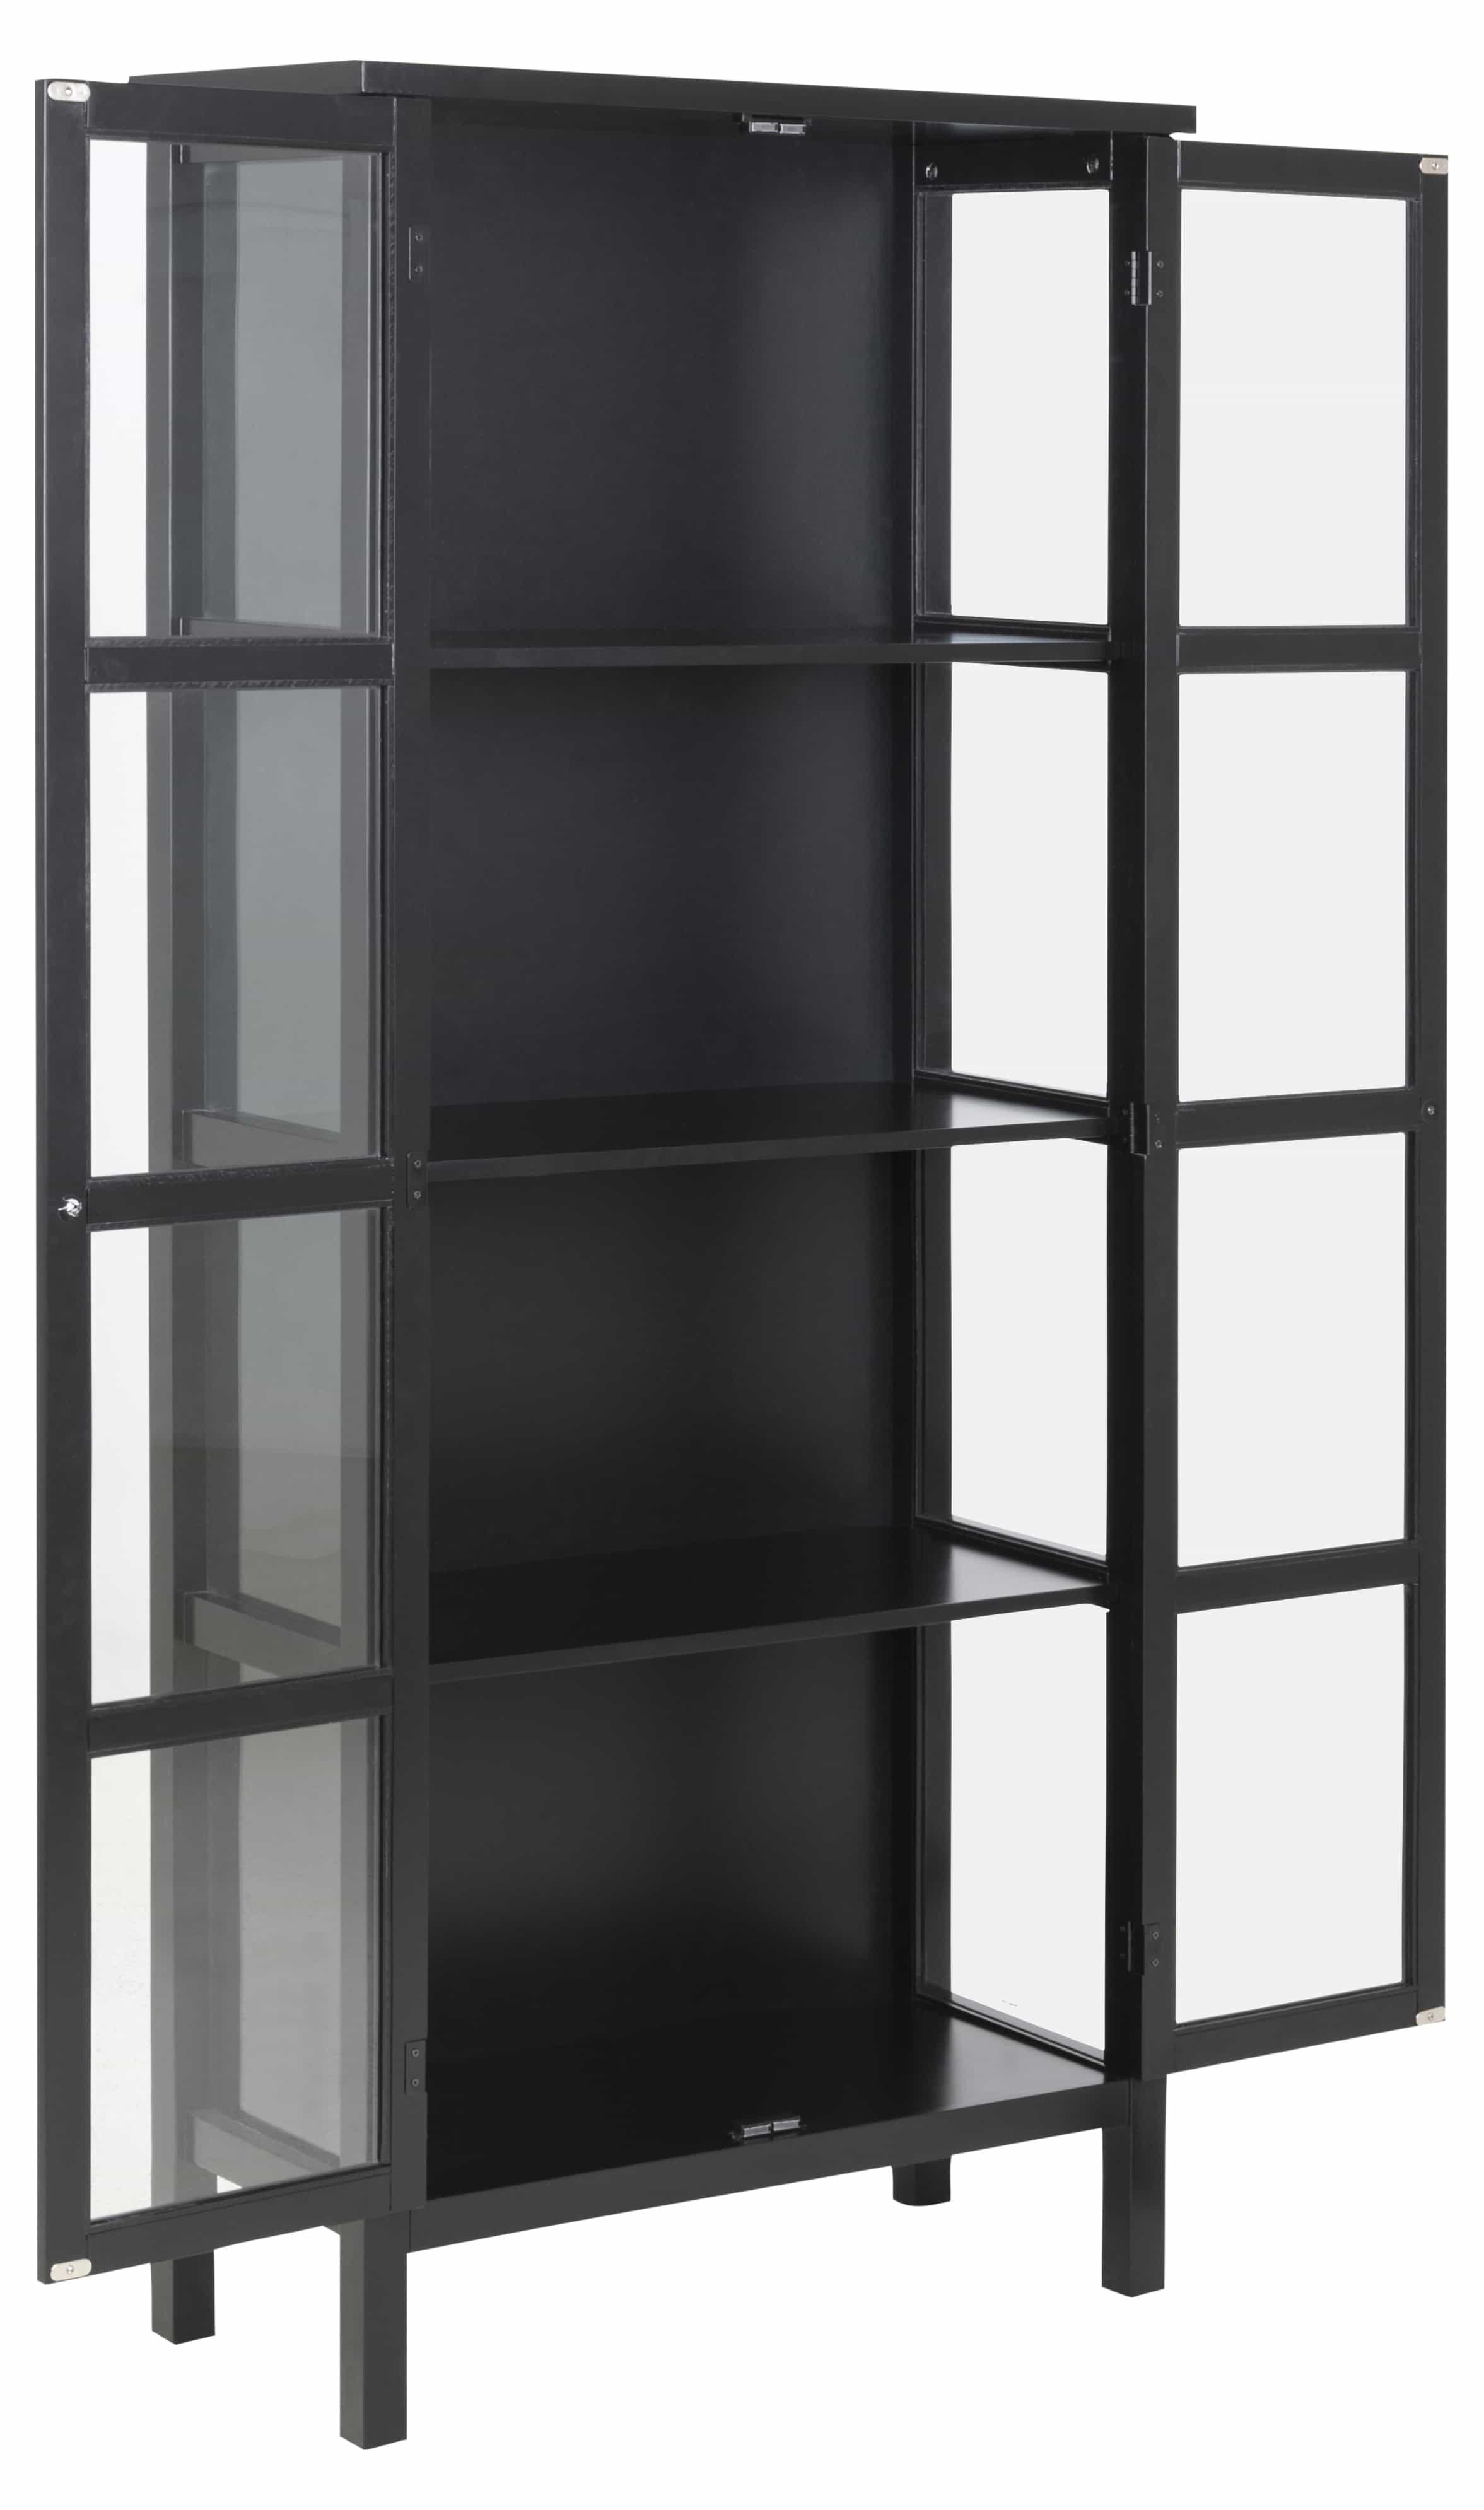 Eton vitrineskab - sort træ, m. 2 glaslåger og 3 hylder